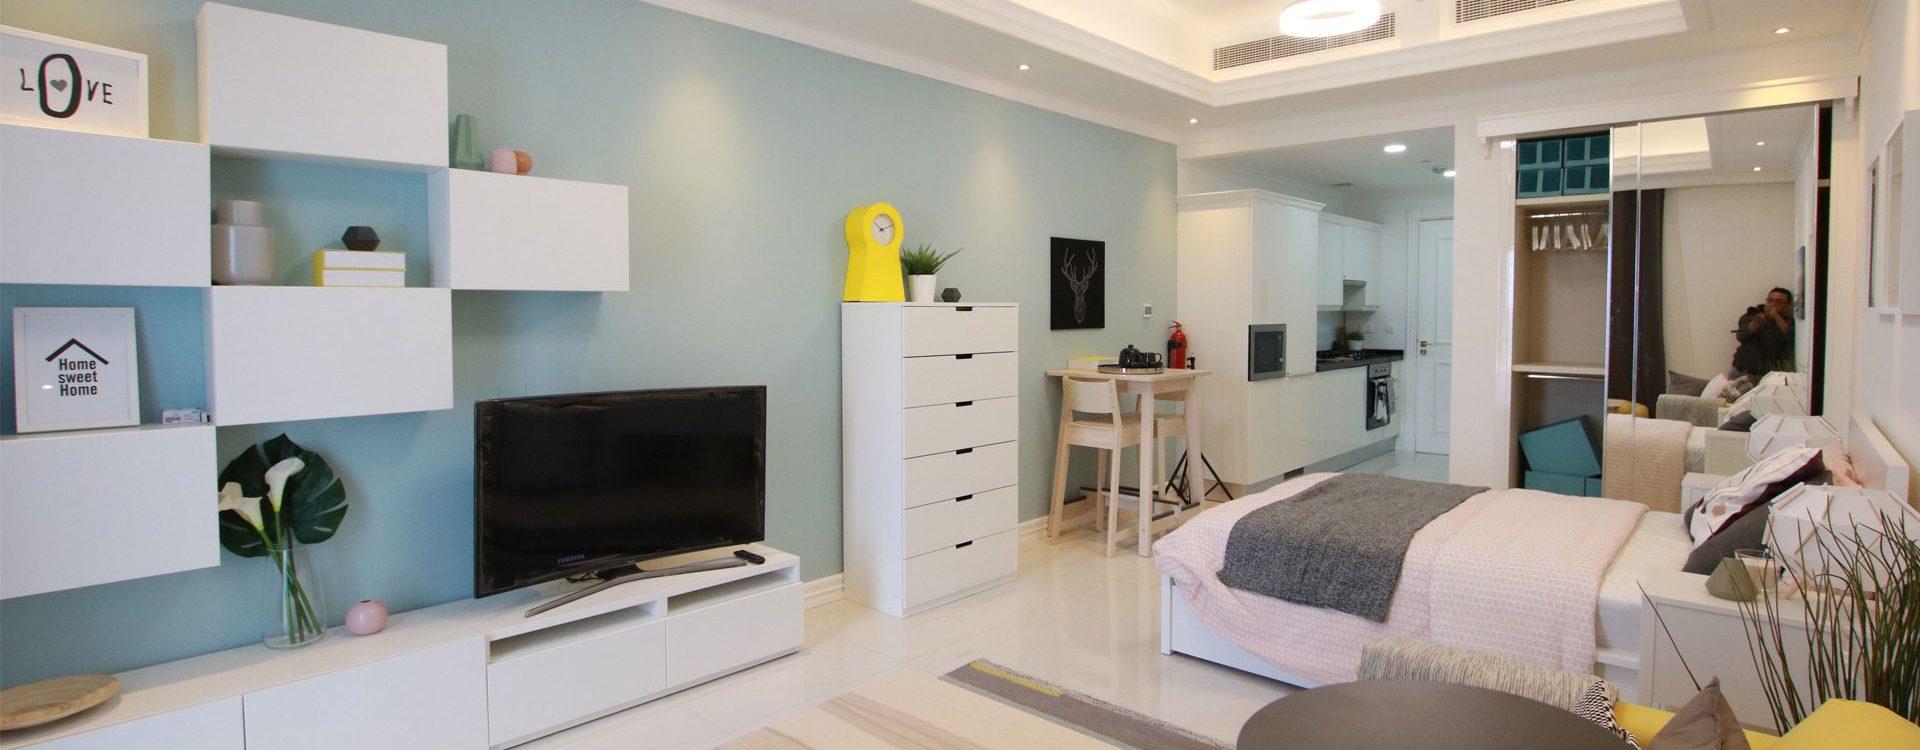 apartments-for-sale-in-vincitore-palacio-dubai-view2